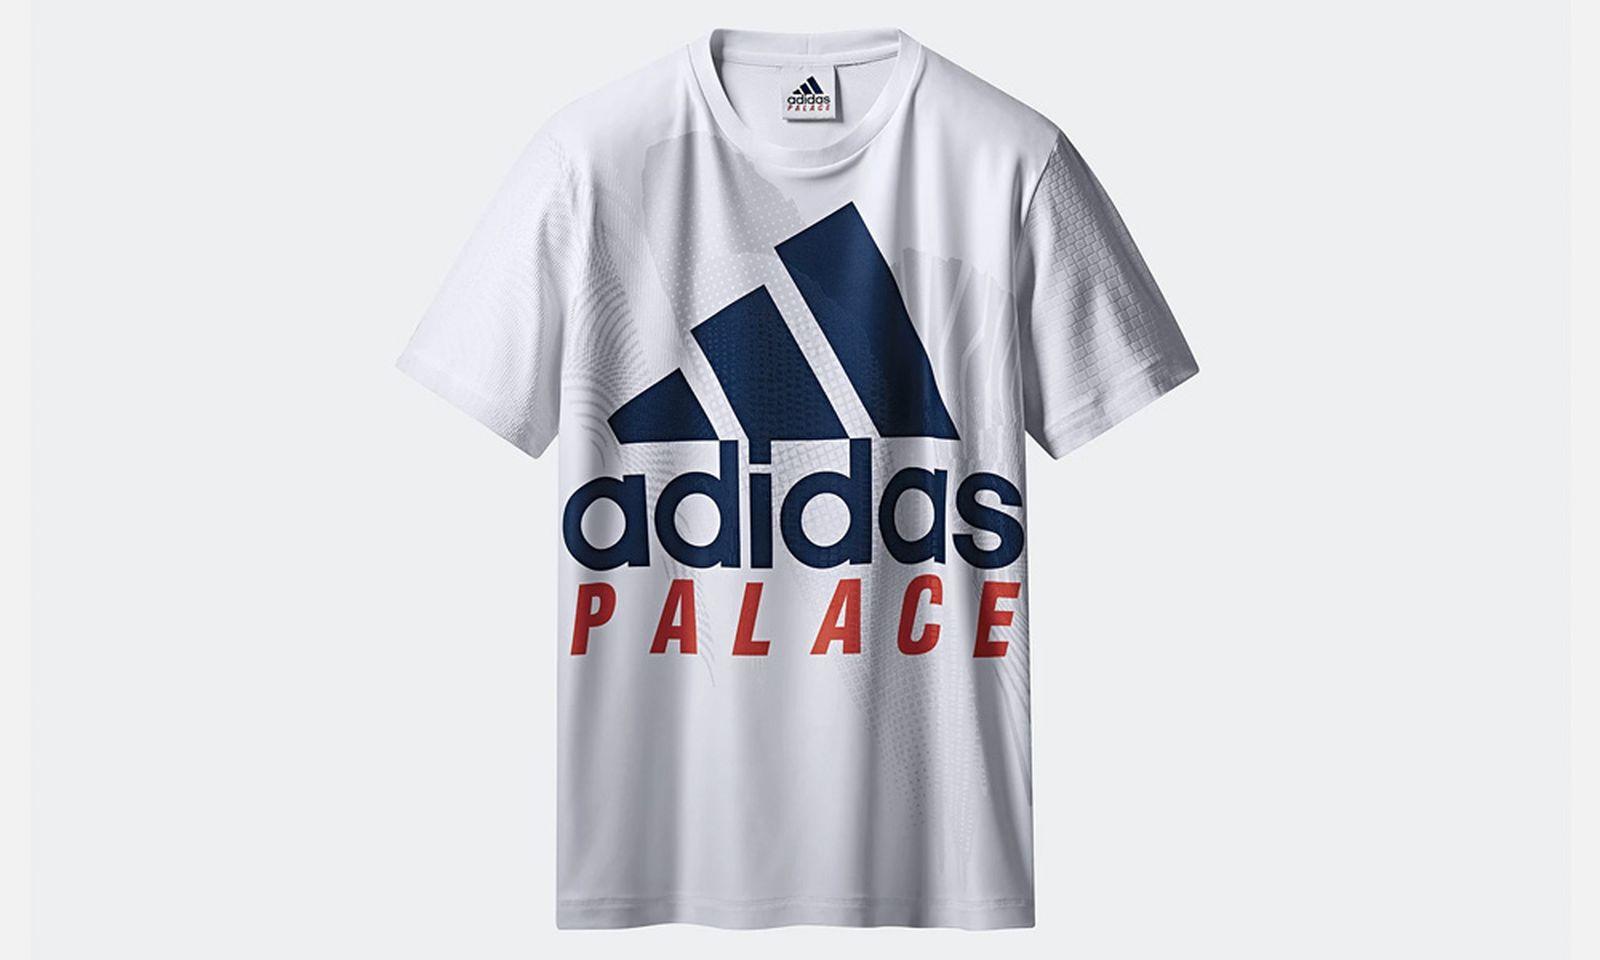 adidas tennis palace every piece Wimbledon adidas Originals